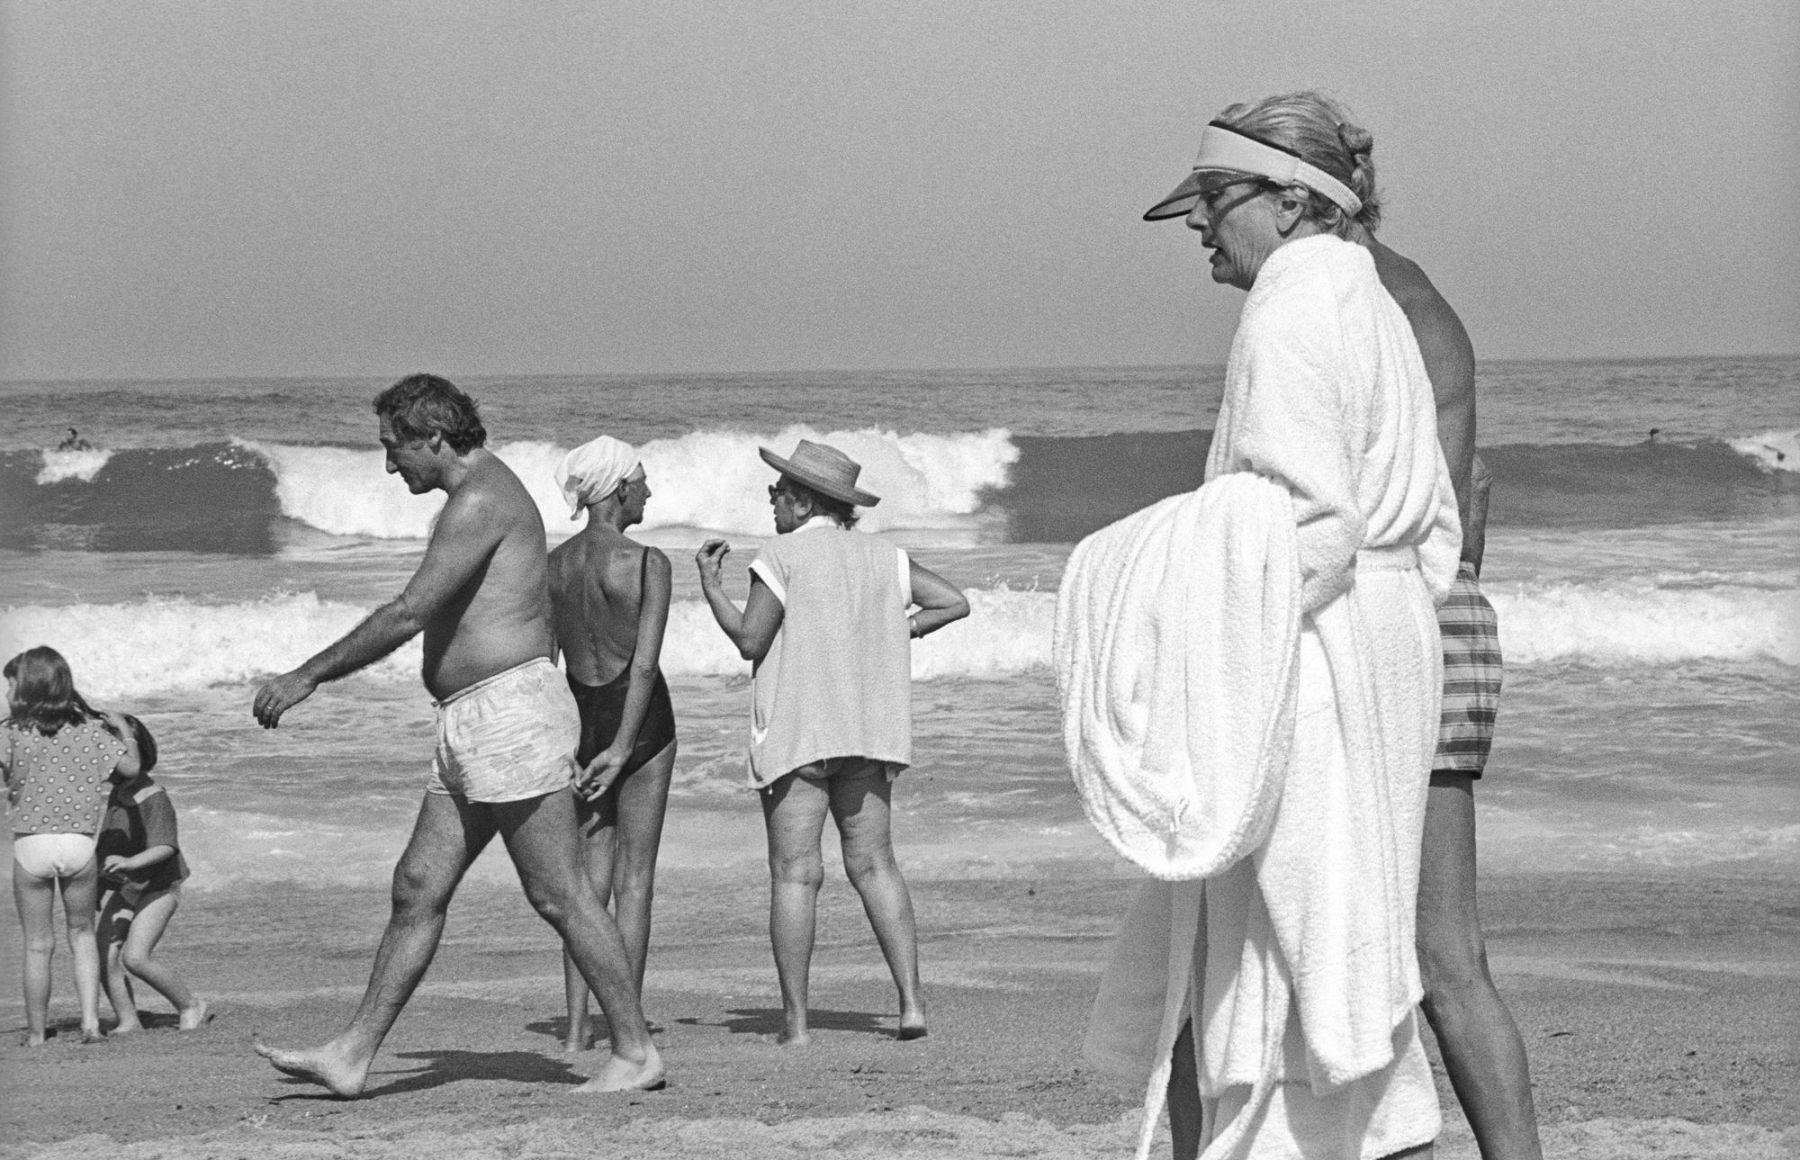 MichelAycaguer-Biarritz-GrandePlage-1988-PointFixe-Leica-19